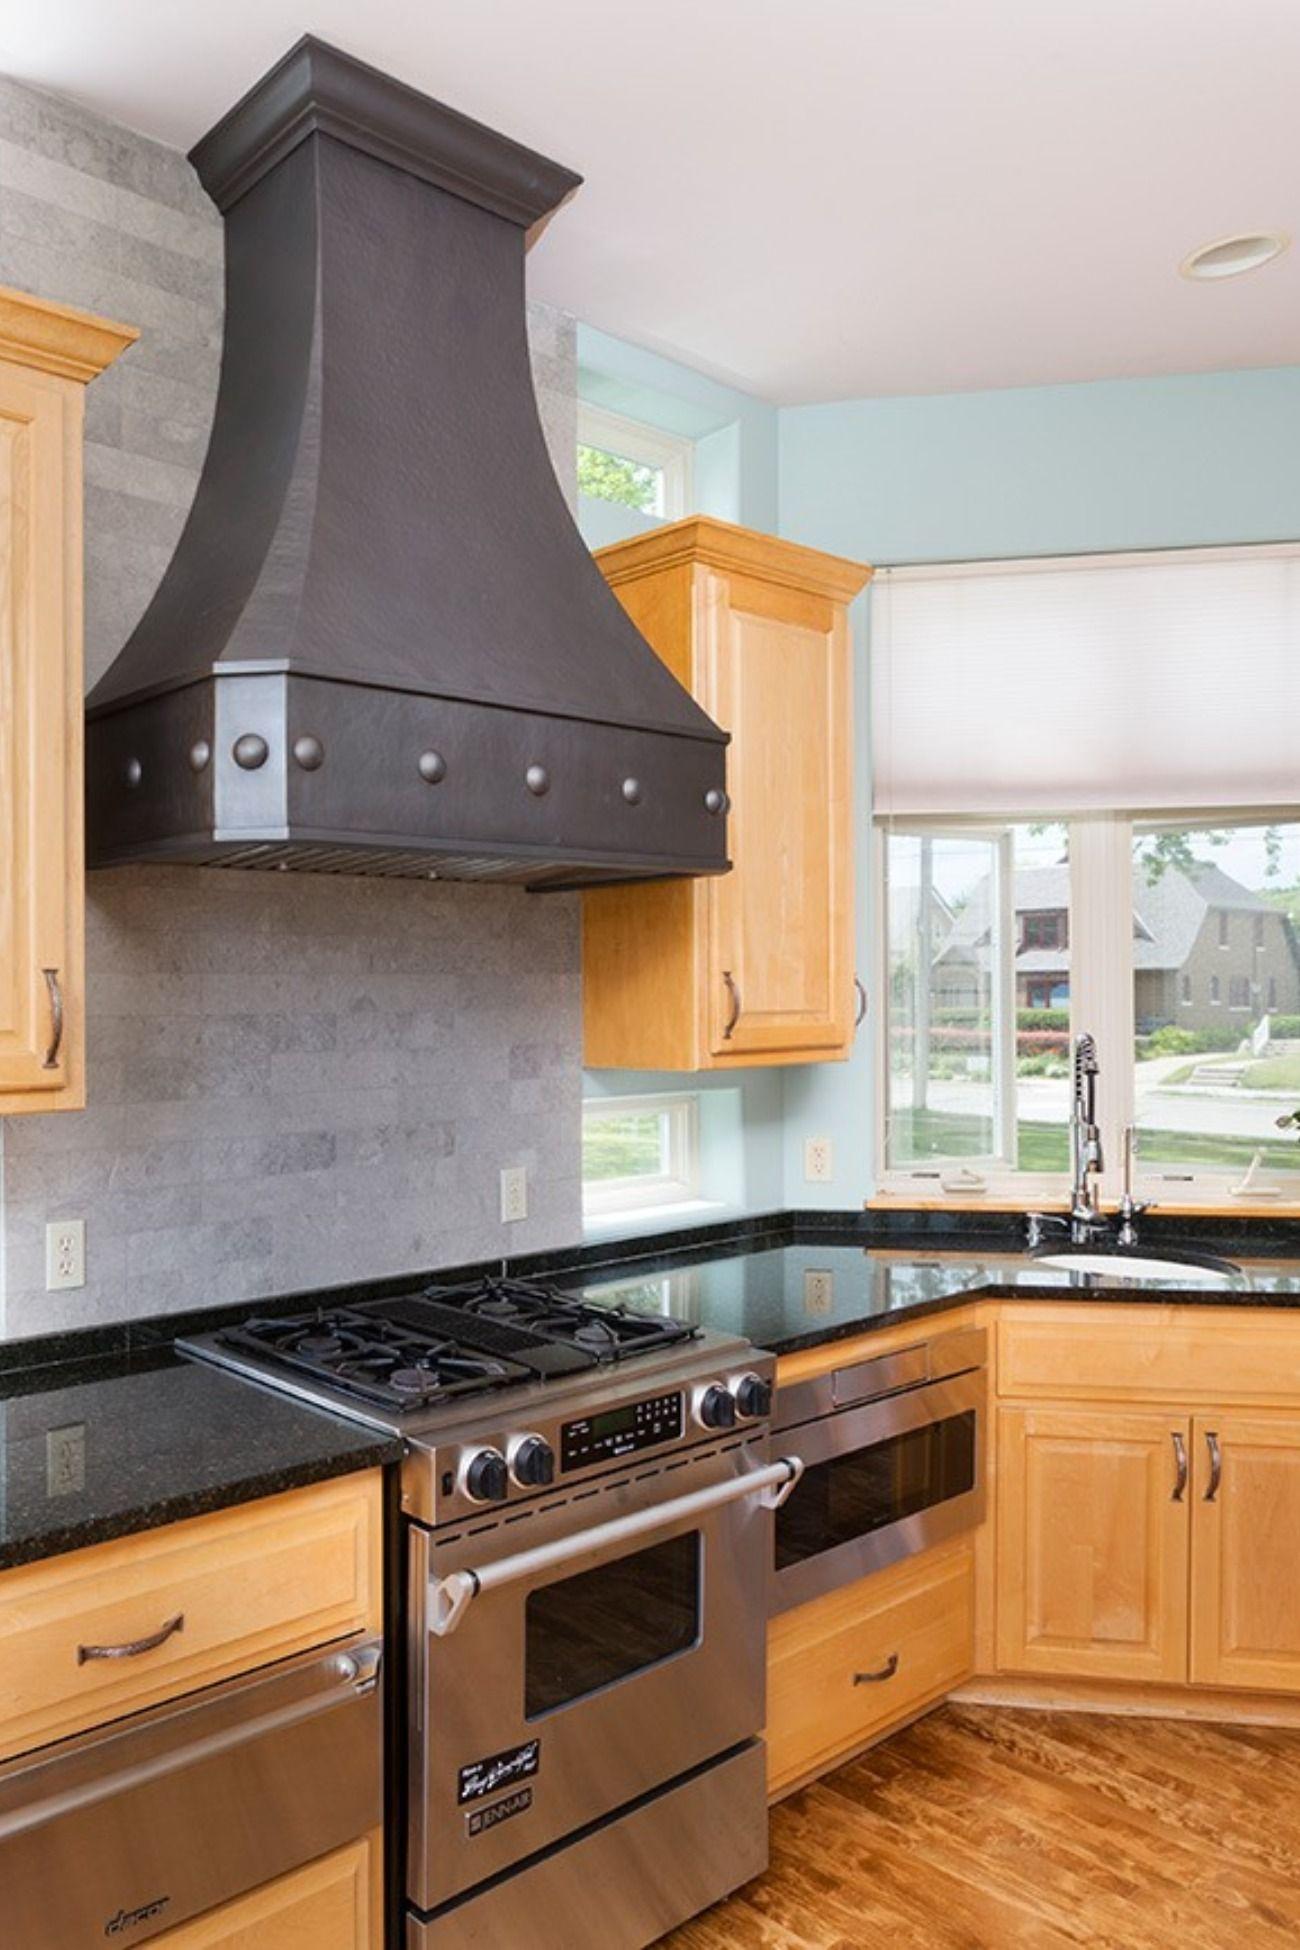 Regal Range Hood Modern Outdoor Kitchen Kitchen Design White Modern Kitchen